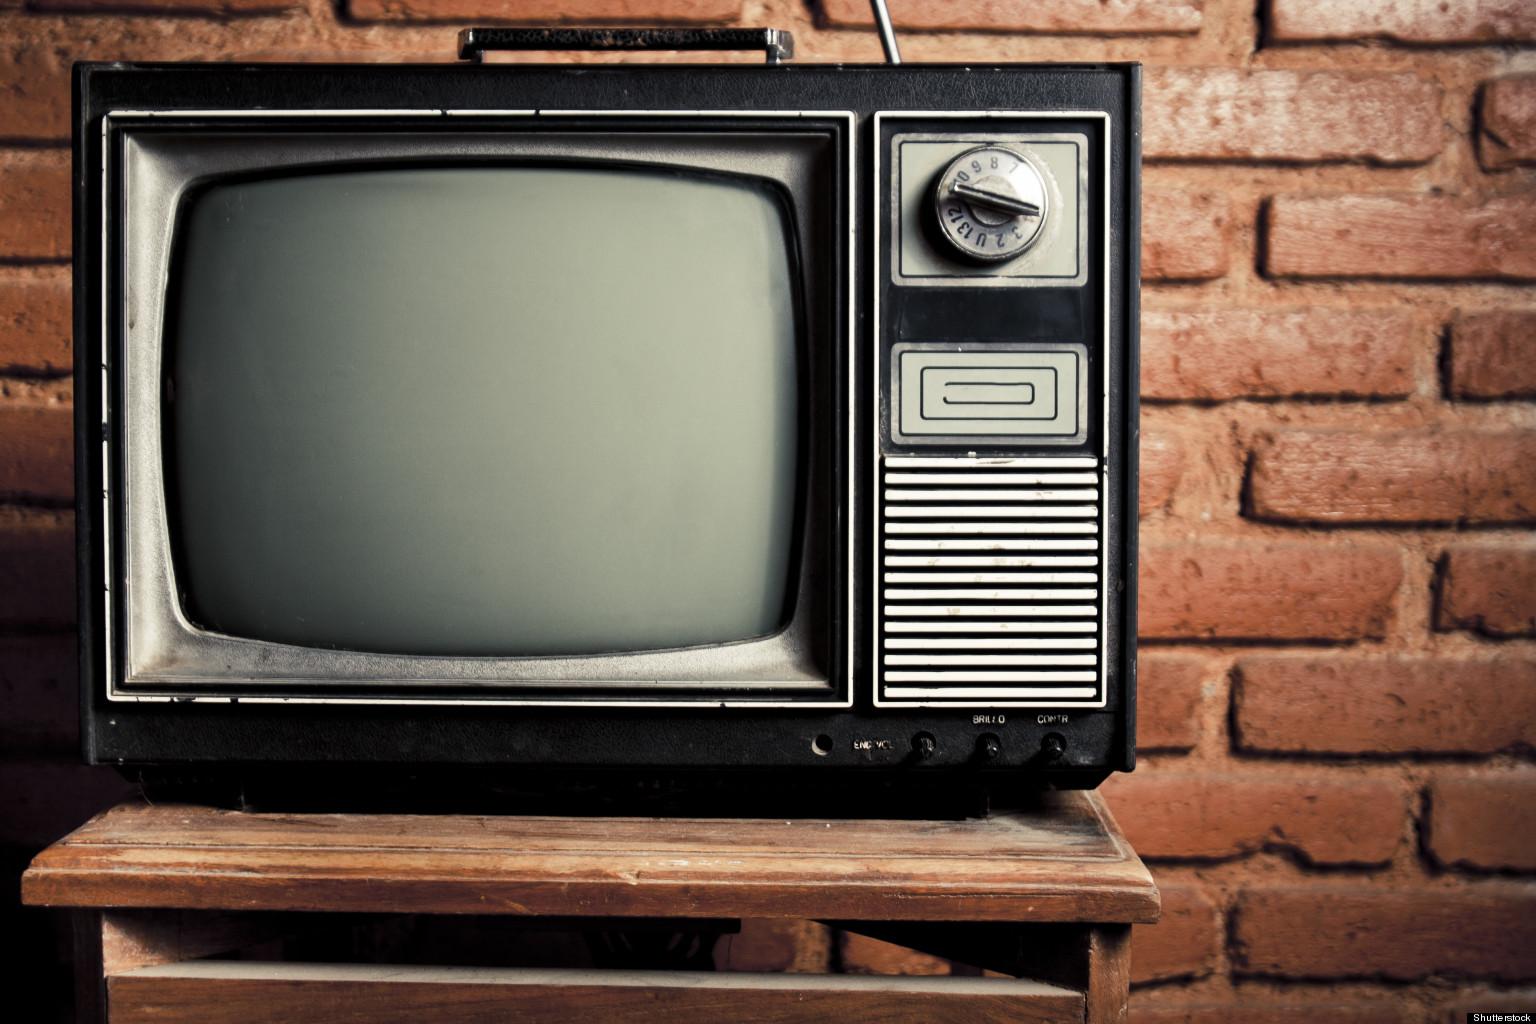 Эфирное ТВ будет готово к HD в 2021 году